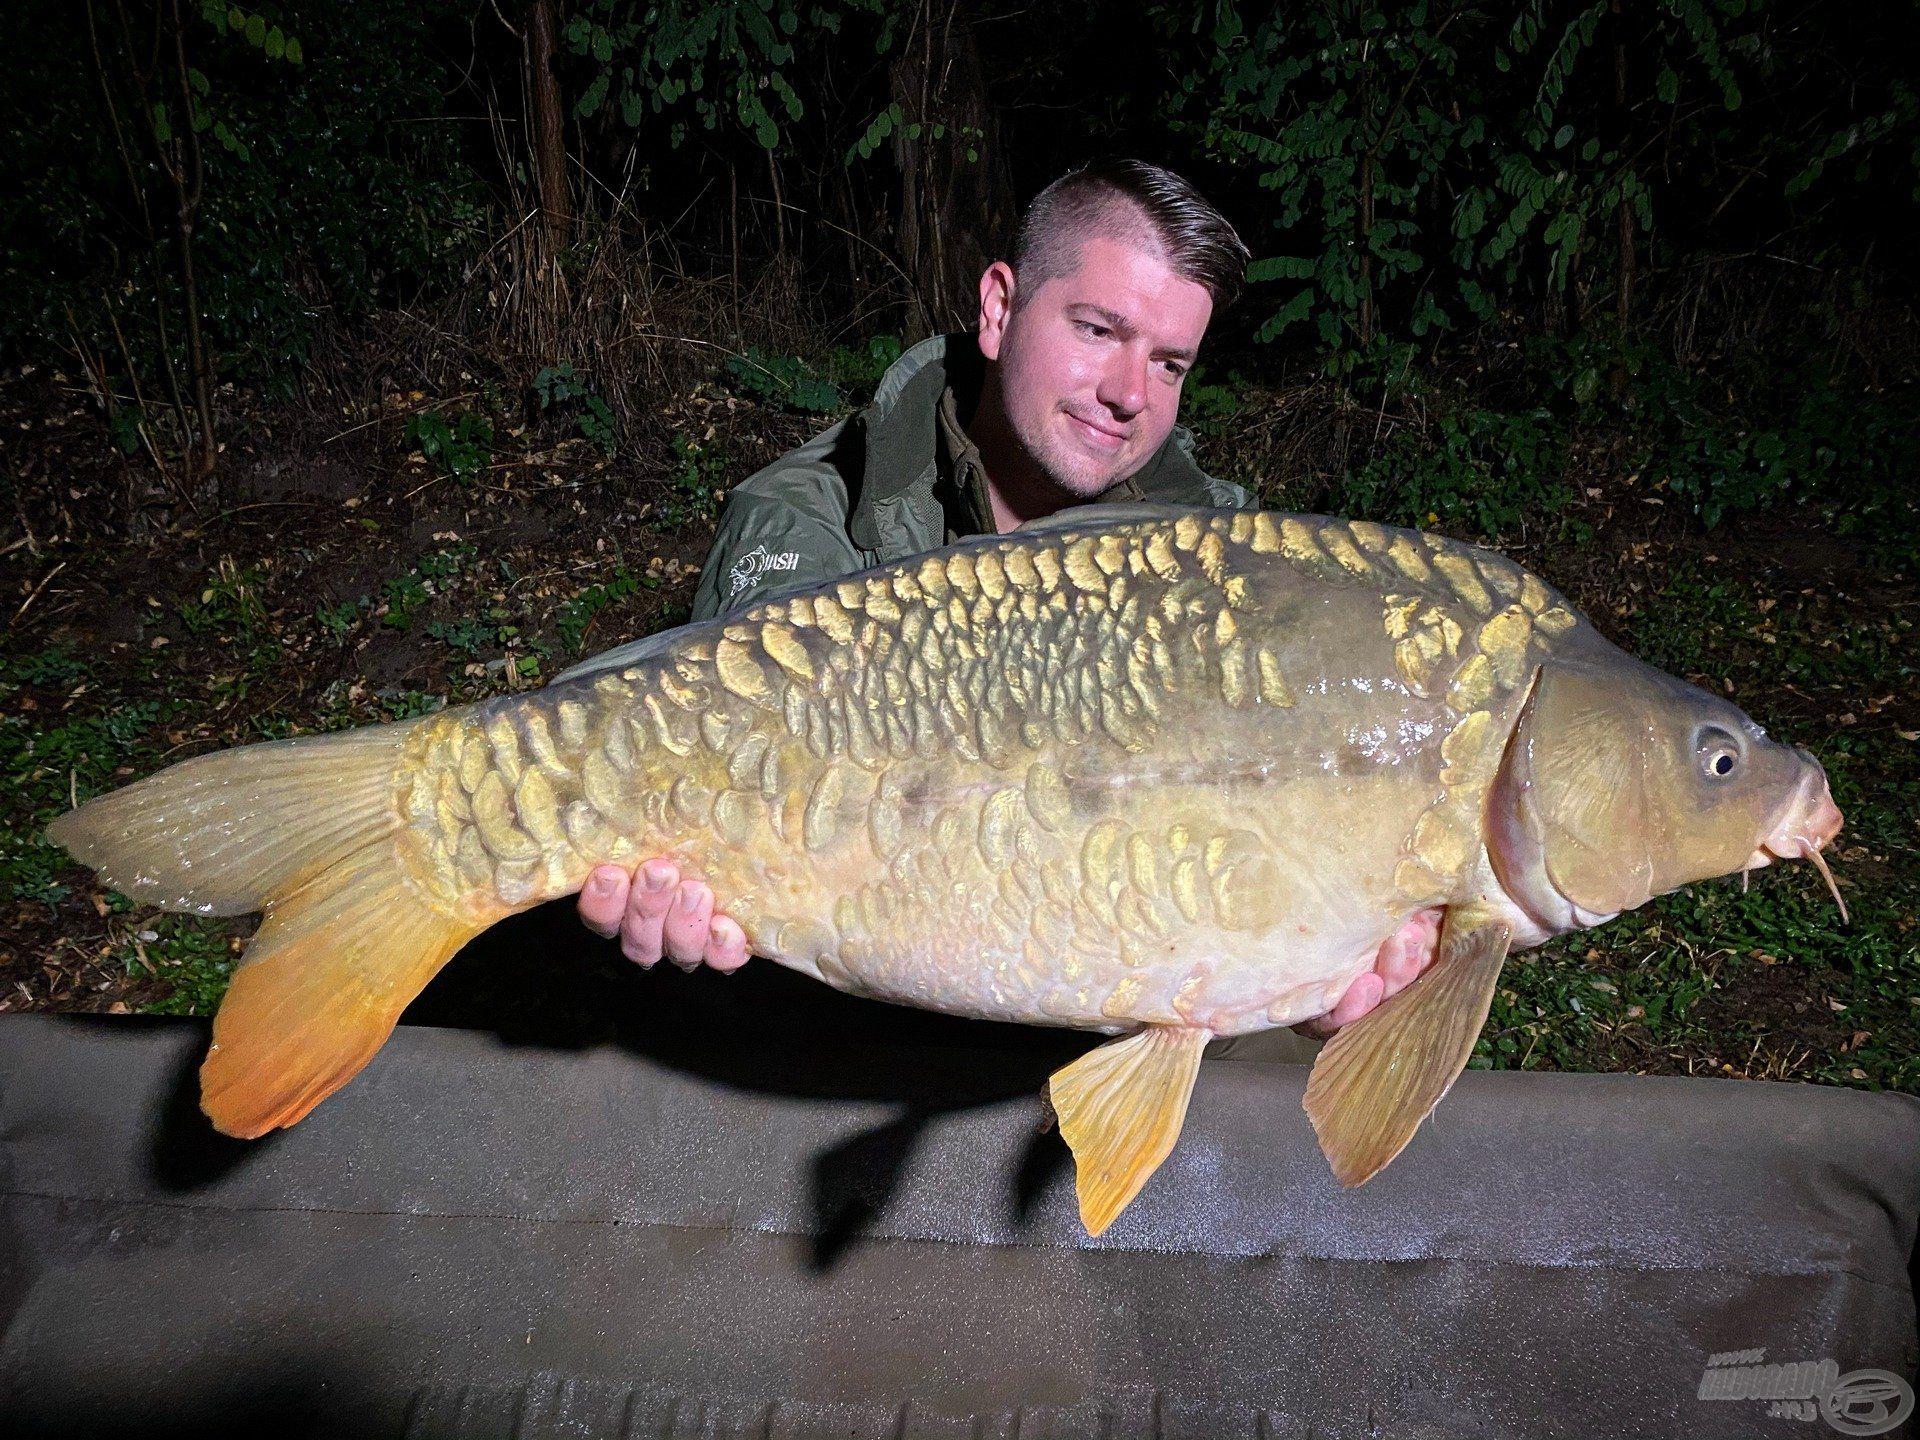 A kitartás és a variálás egy különleges halat eredményezett